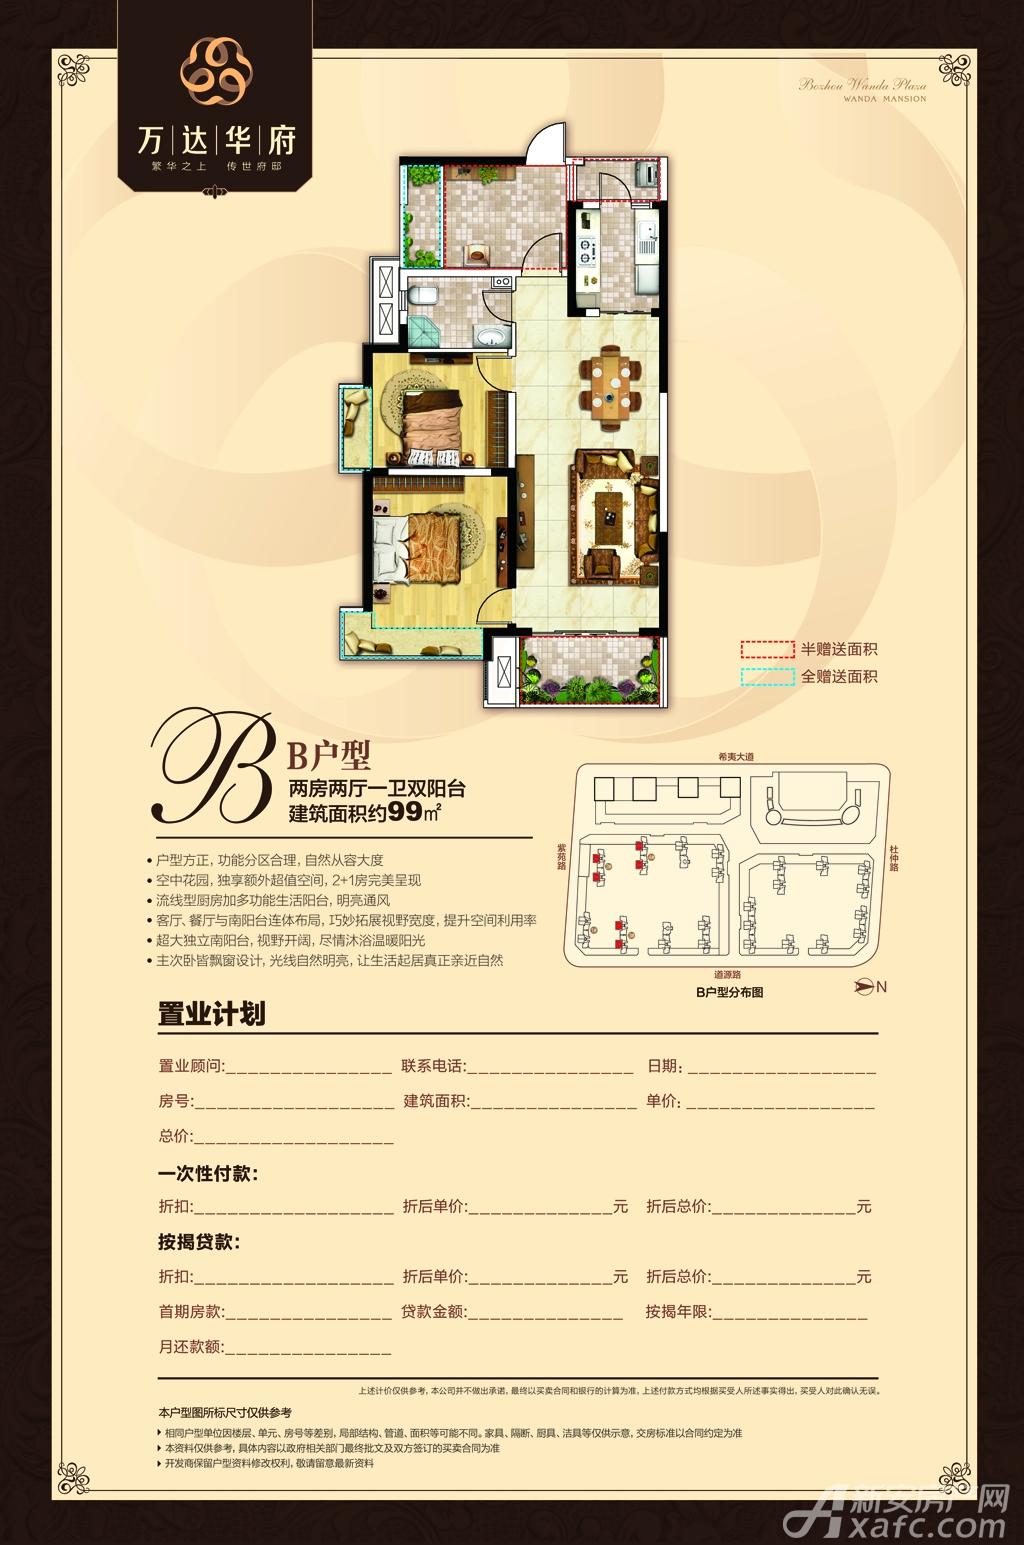 亳州万达广场B户型2室2厅99平米